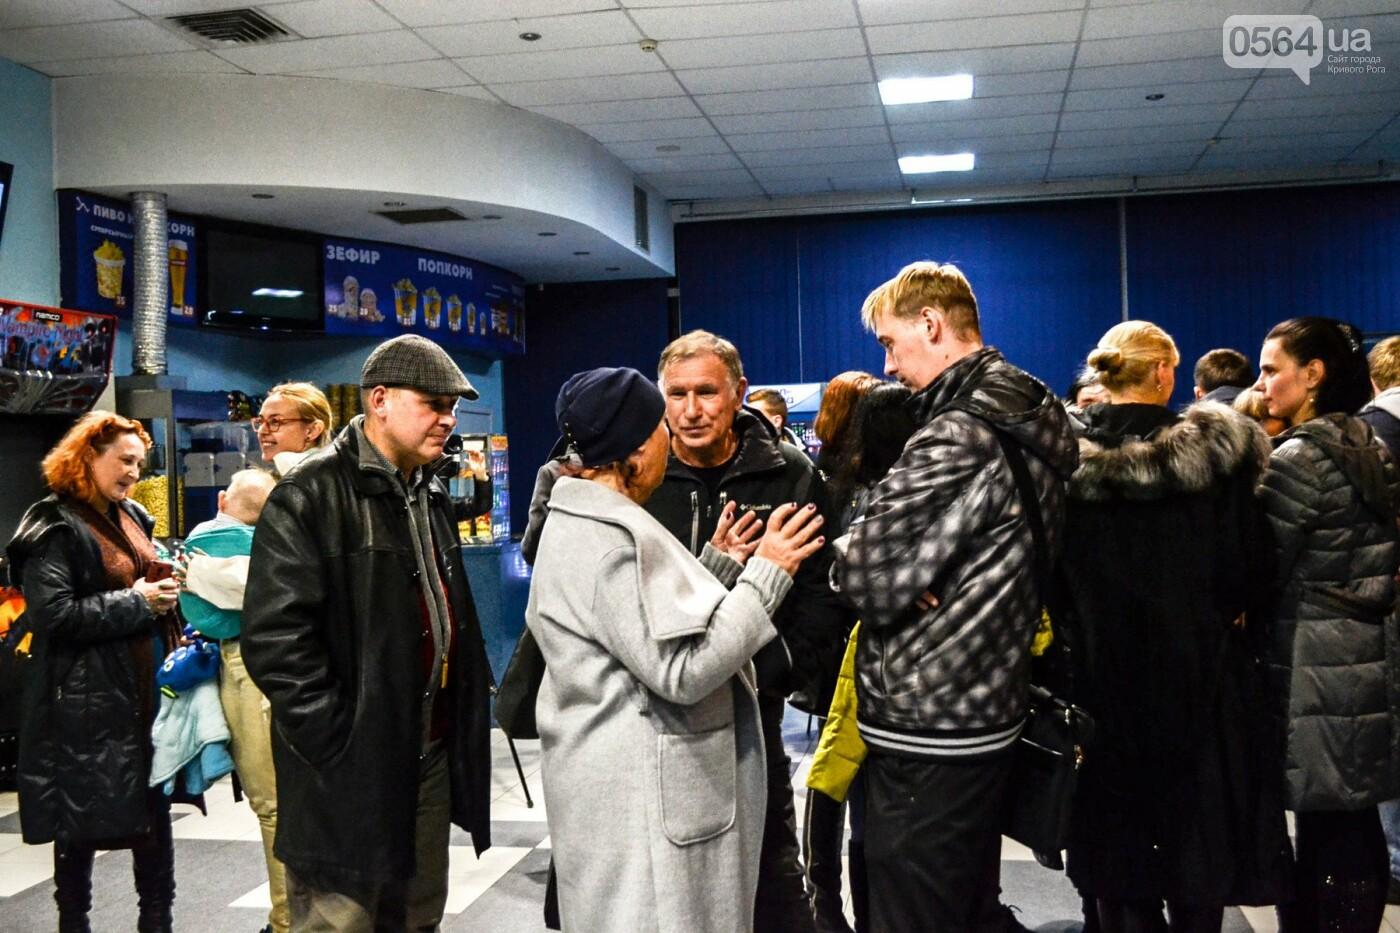 """""""Дорогами Европы"""": в Кривом Роге проходит уникальная фотовыставка ветерана АТО, - ФОТО, ВИДЕО, фото-17"""